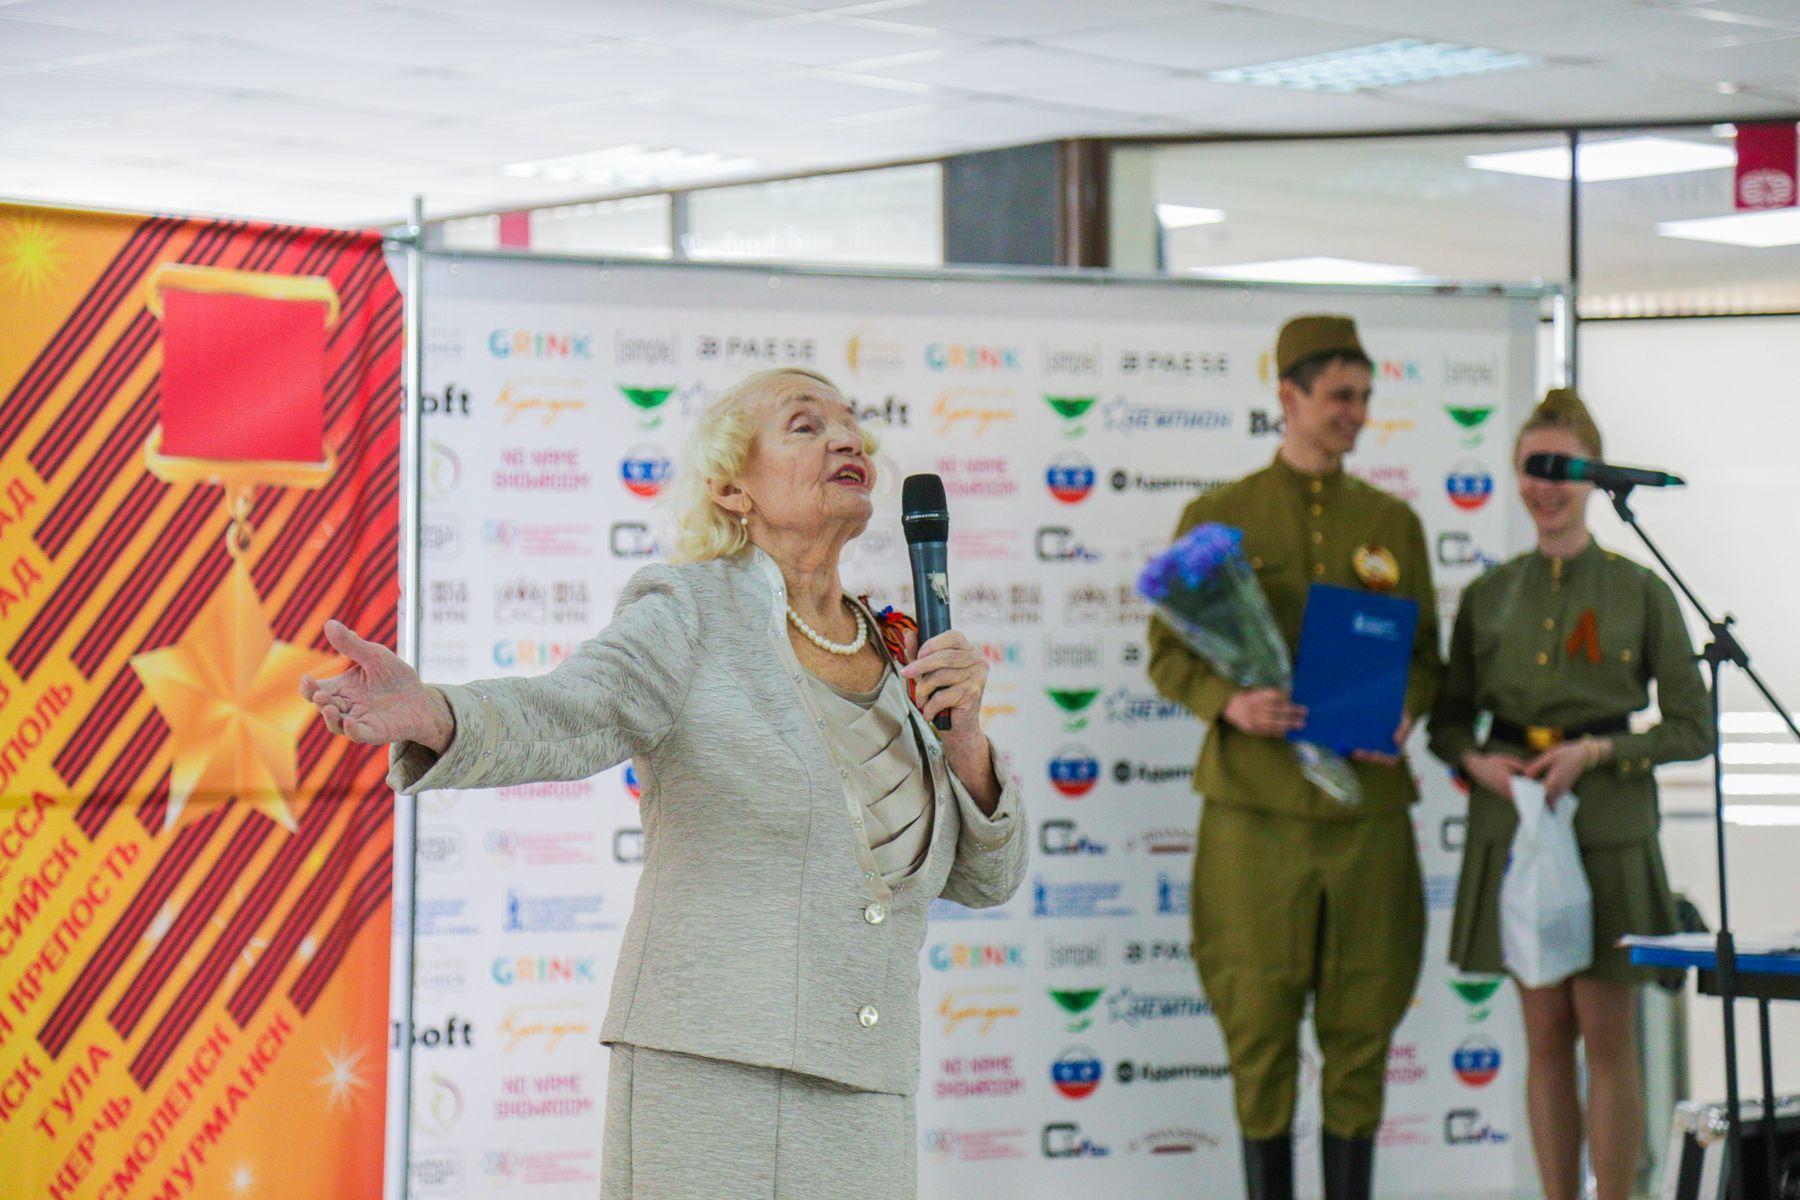 День Победы во ВГУЭС: георгиевские ленточки, встречи с ветеранами и военные песни